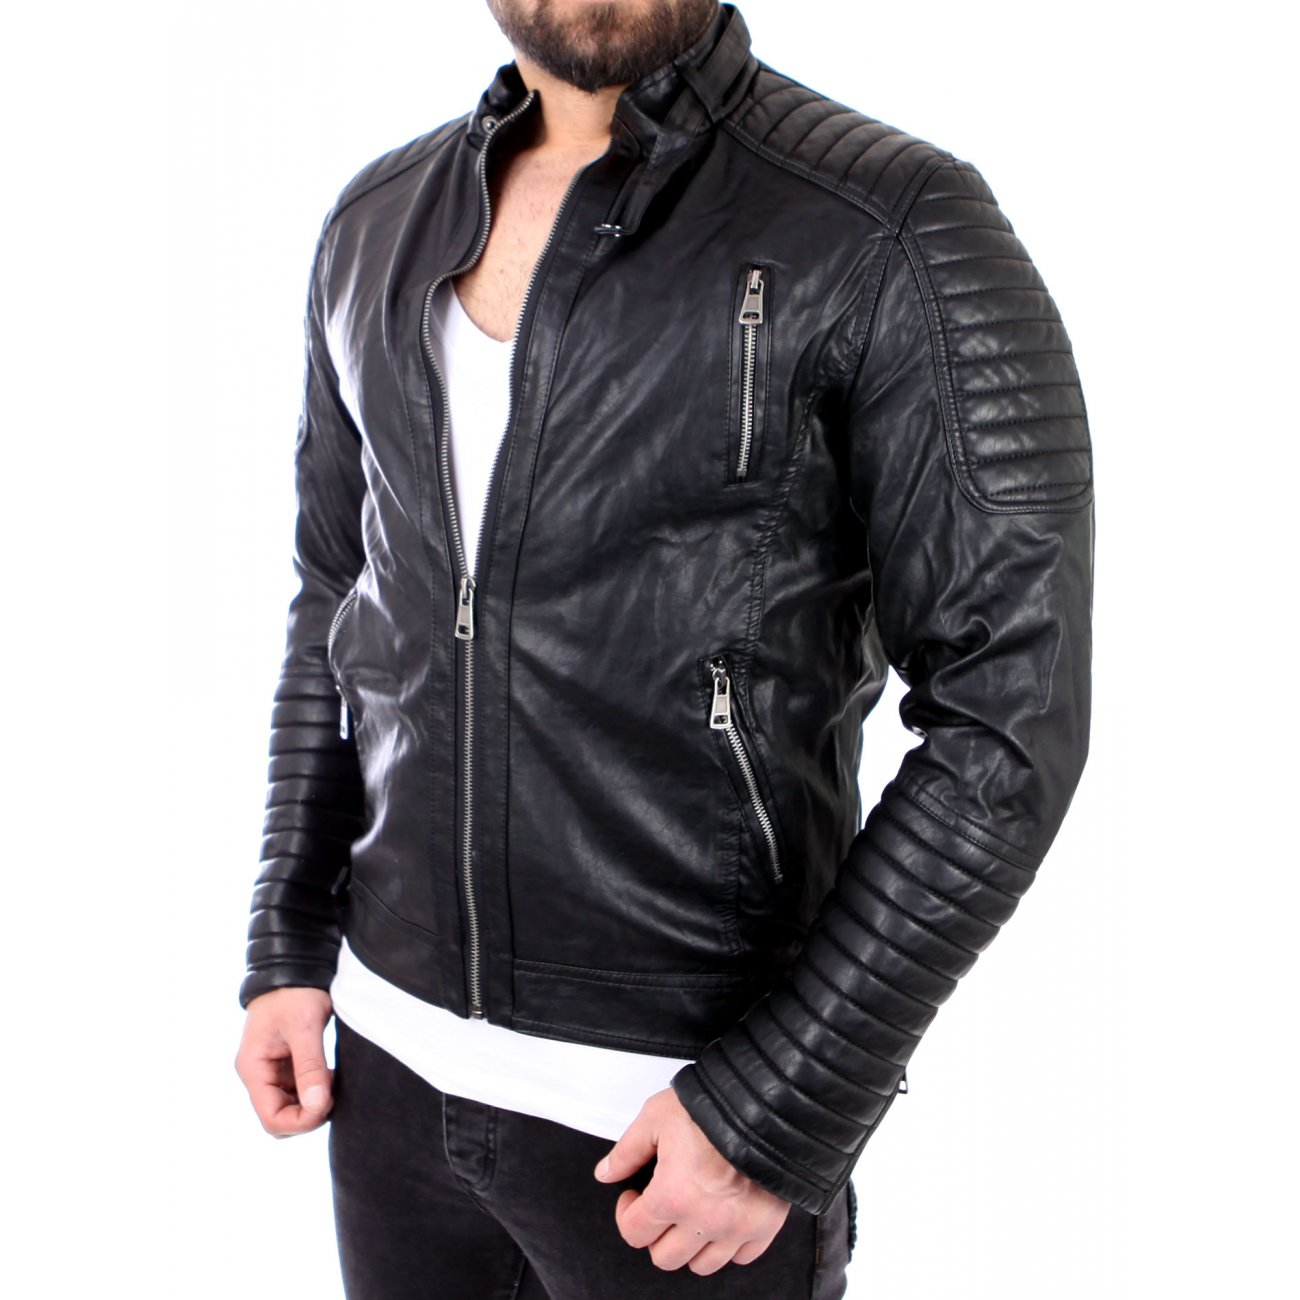 reslad lederjacke herren zipped biker look kunstleder jacke rs 543 sc. Black Bedroom Furniture Sets. Home Design Ideas